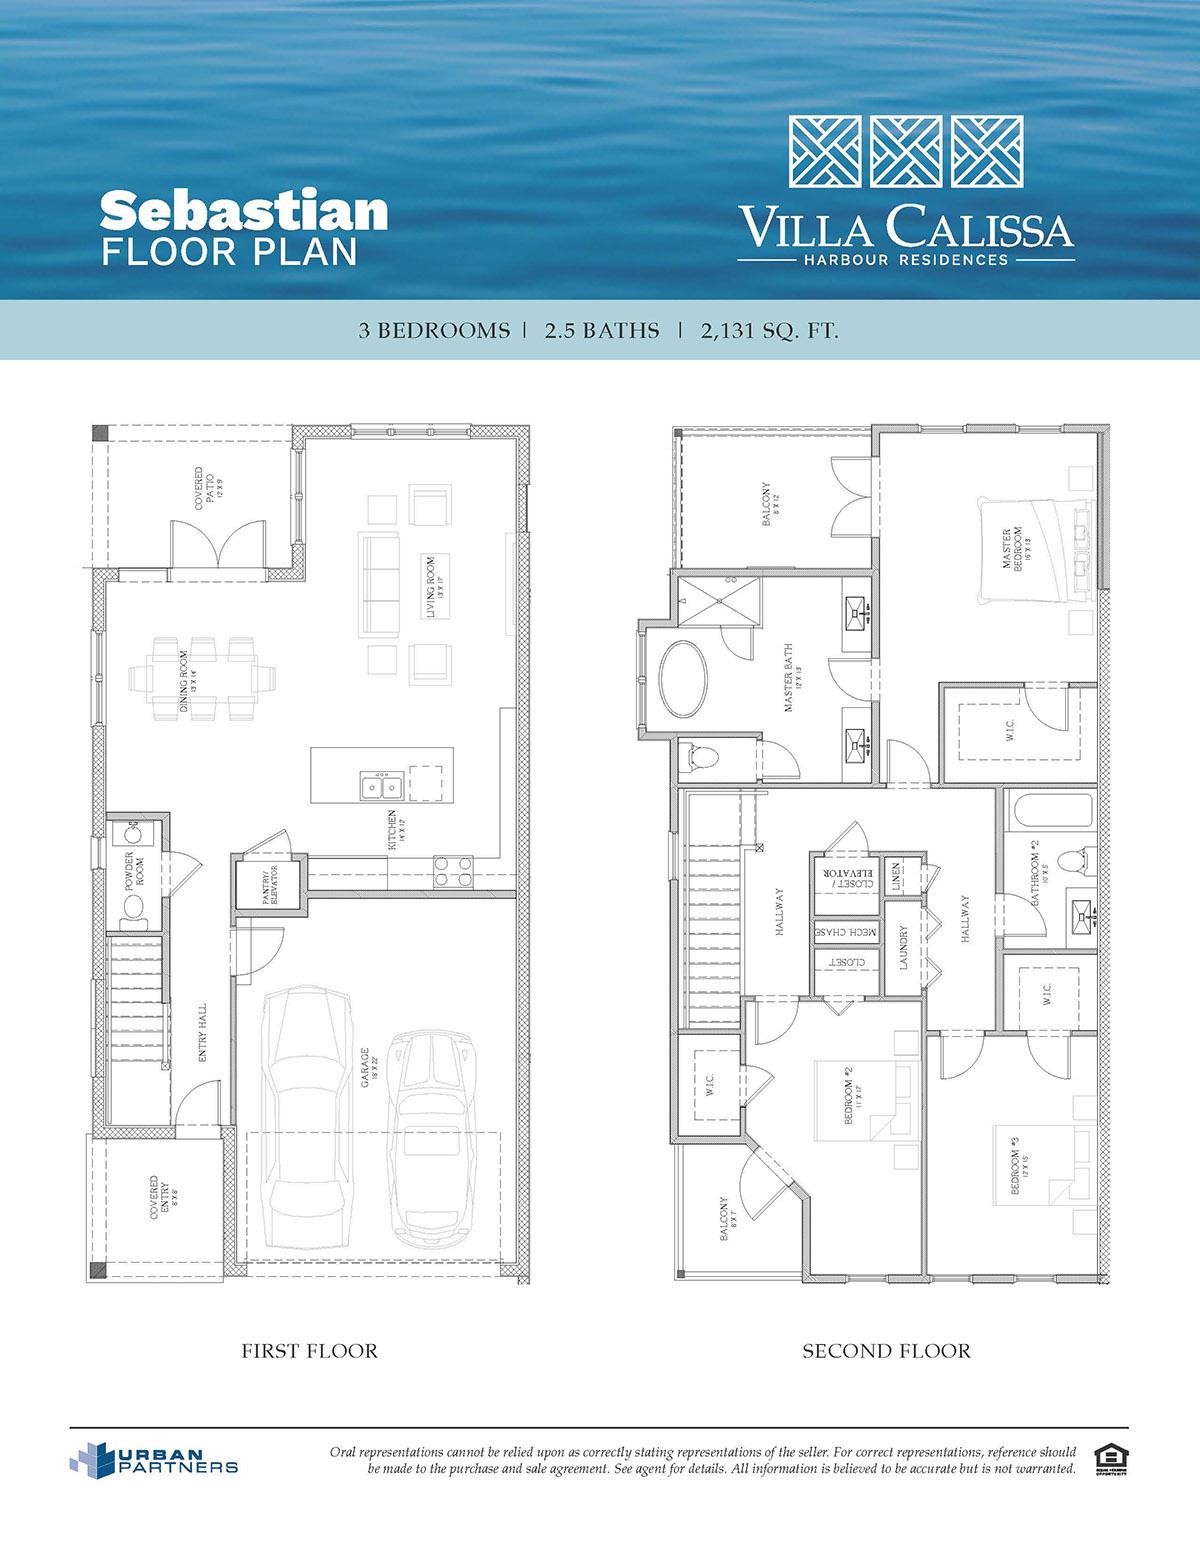 Sebastian floorplan at Villa Calissa